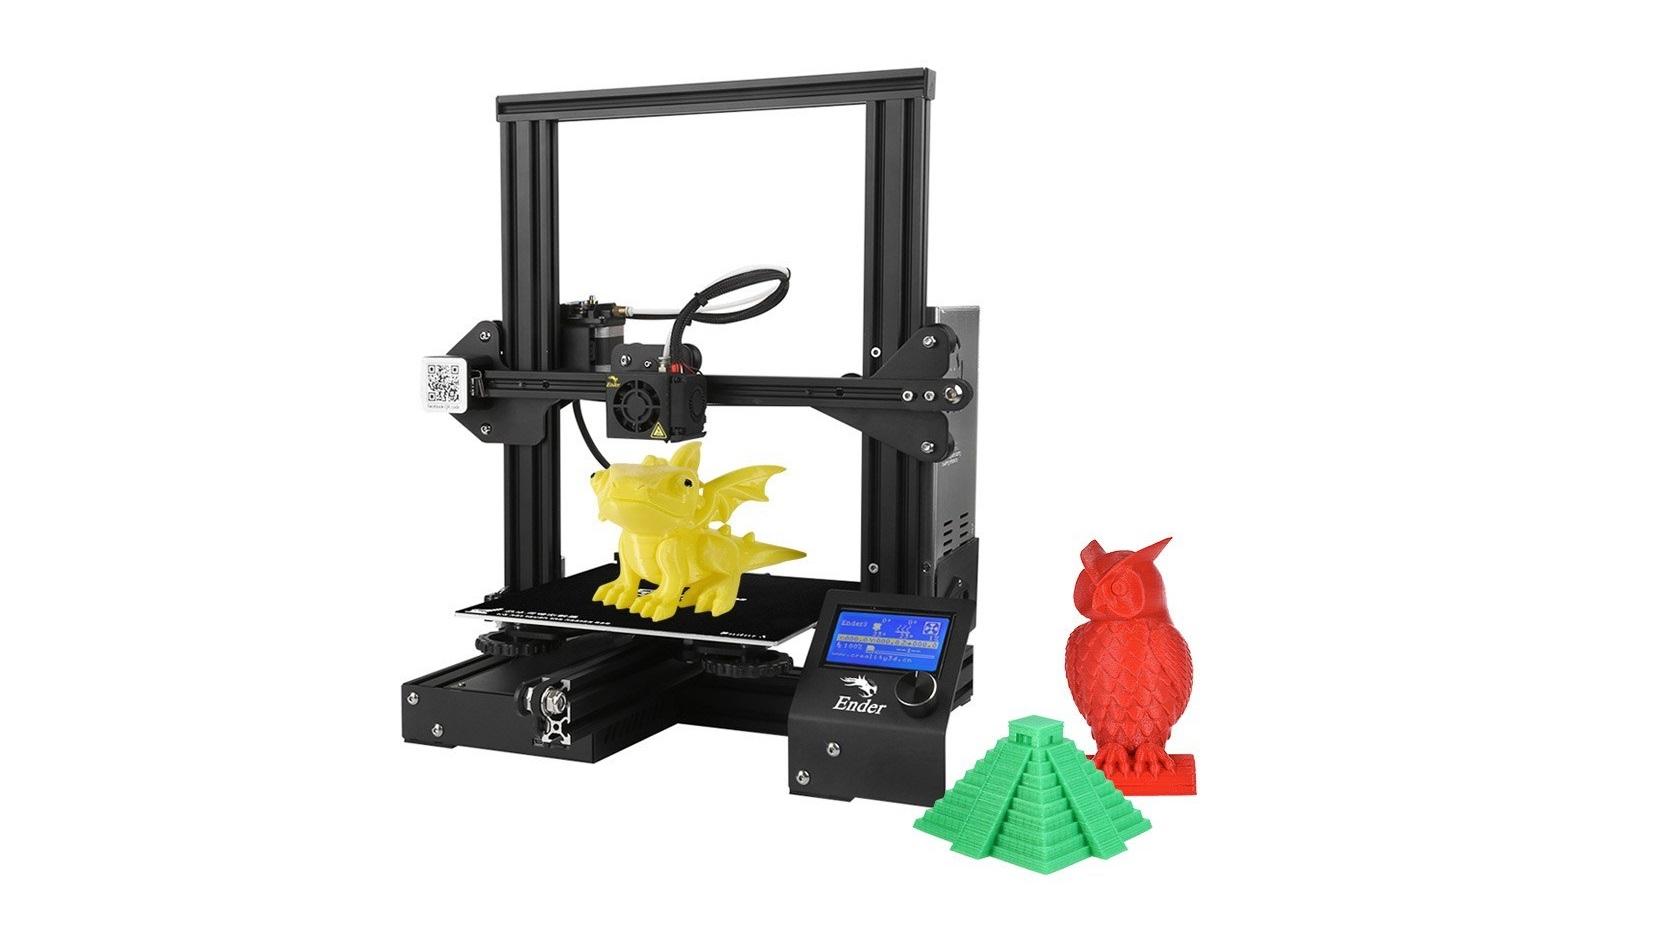 3D tiskárna Creality Ender-3 nyní v akci na Cafago.com [sponzorovaný článek]